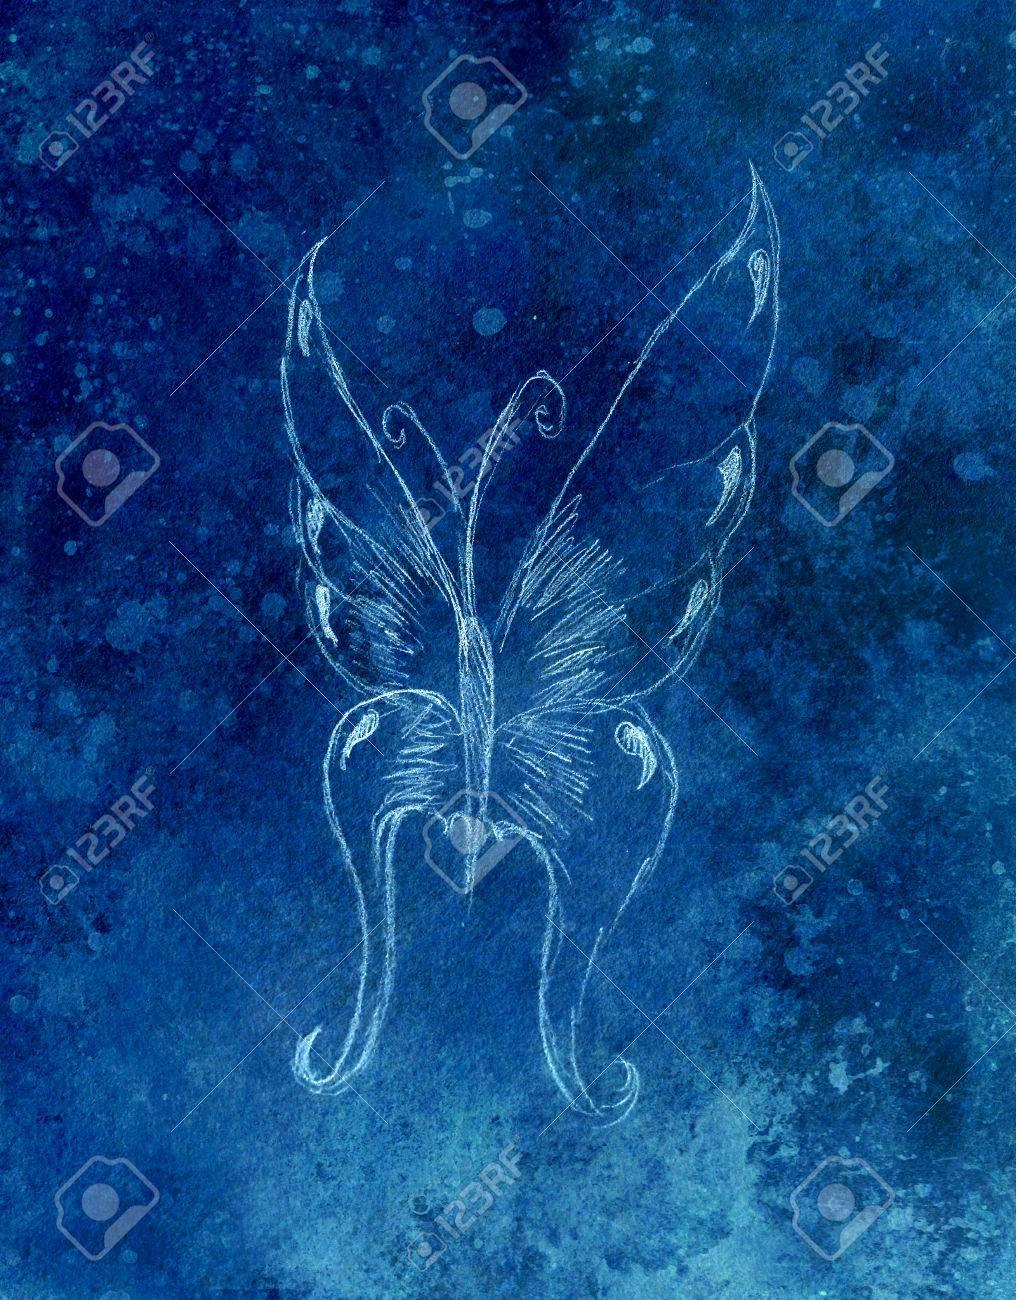 Ilustración De Una Mariposa Dibujo De Lápiz El Color De Fondo